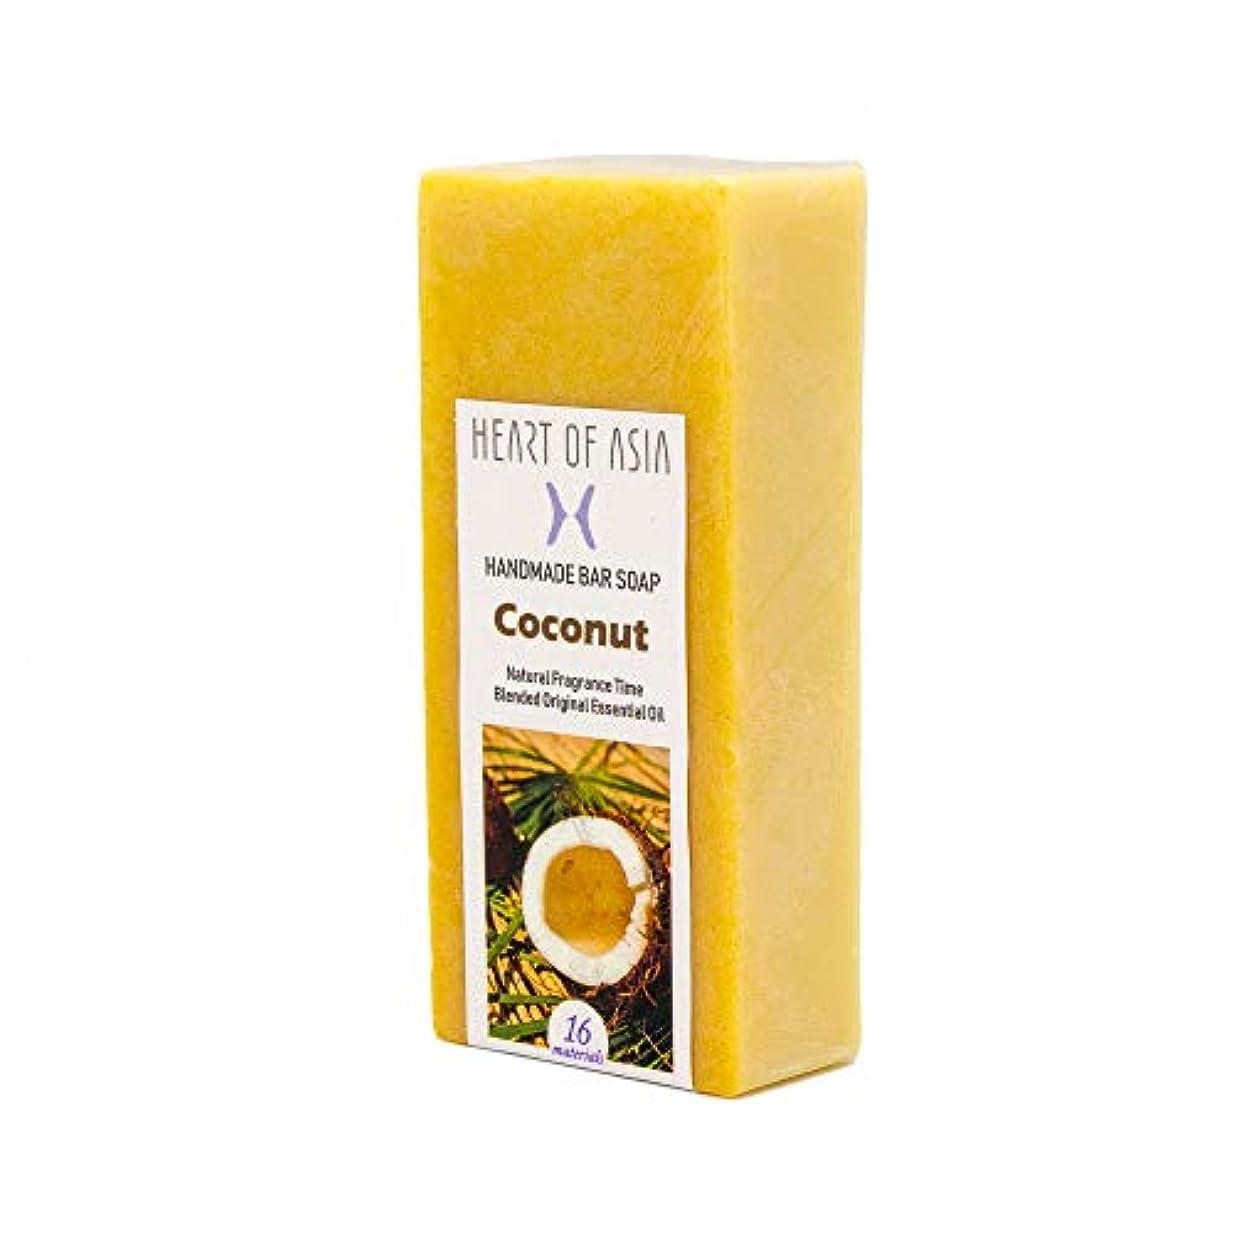 珍しい噛むサイクル香水のようなフレグランス石けん HANDMADE BAR SOAP ~Coconut ~ (単品)